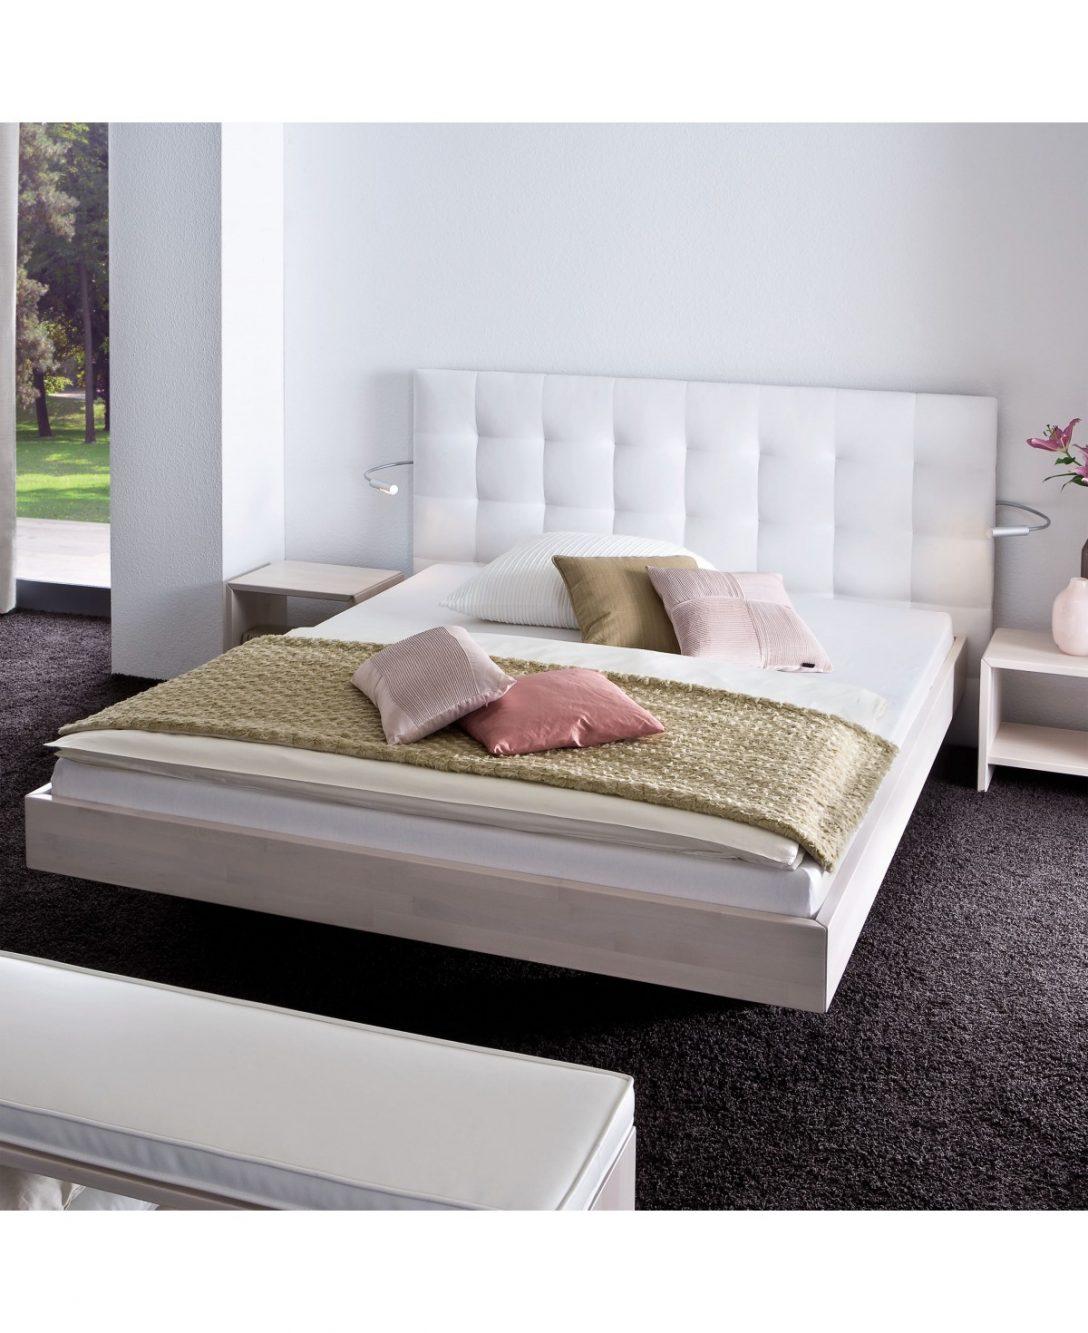 Large Size of Bett Weiß 160x200 Hasena Wood Line Wandpaneel Sogno L Fe Vilo Buche Wei Esstisch Oval Luxus Betten Nolte Komplett Hamburg Such Frau Fürs Tojo Schlafzimmer Bett Bett Weiß 160x200